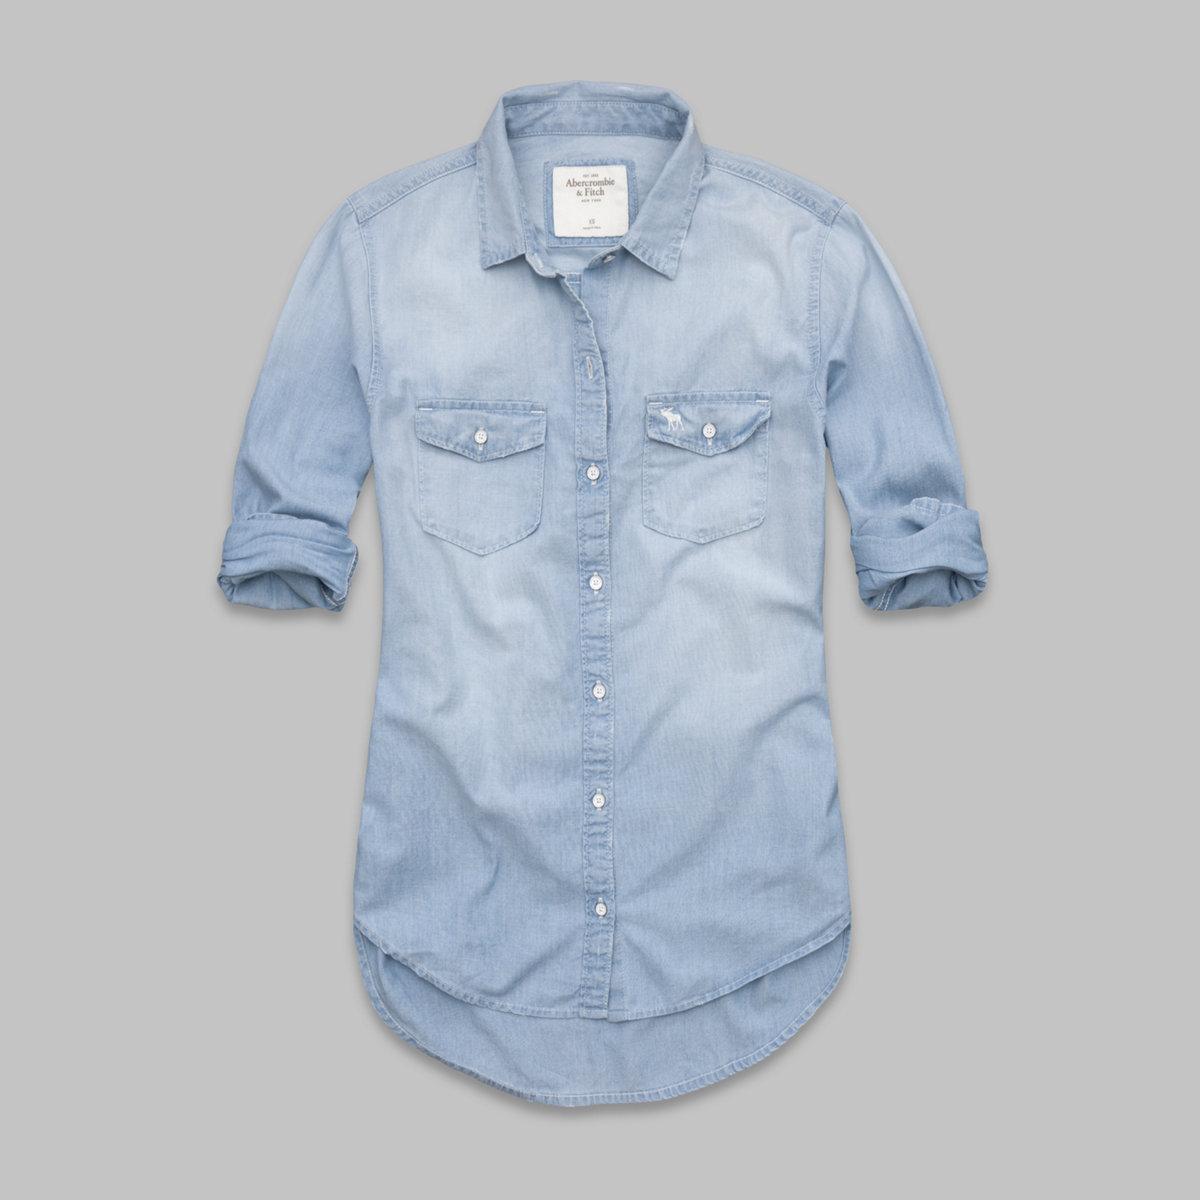 Blythe Denim Shirt